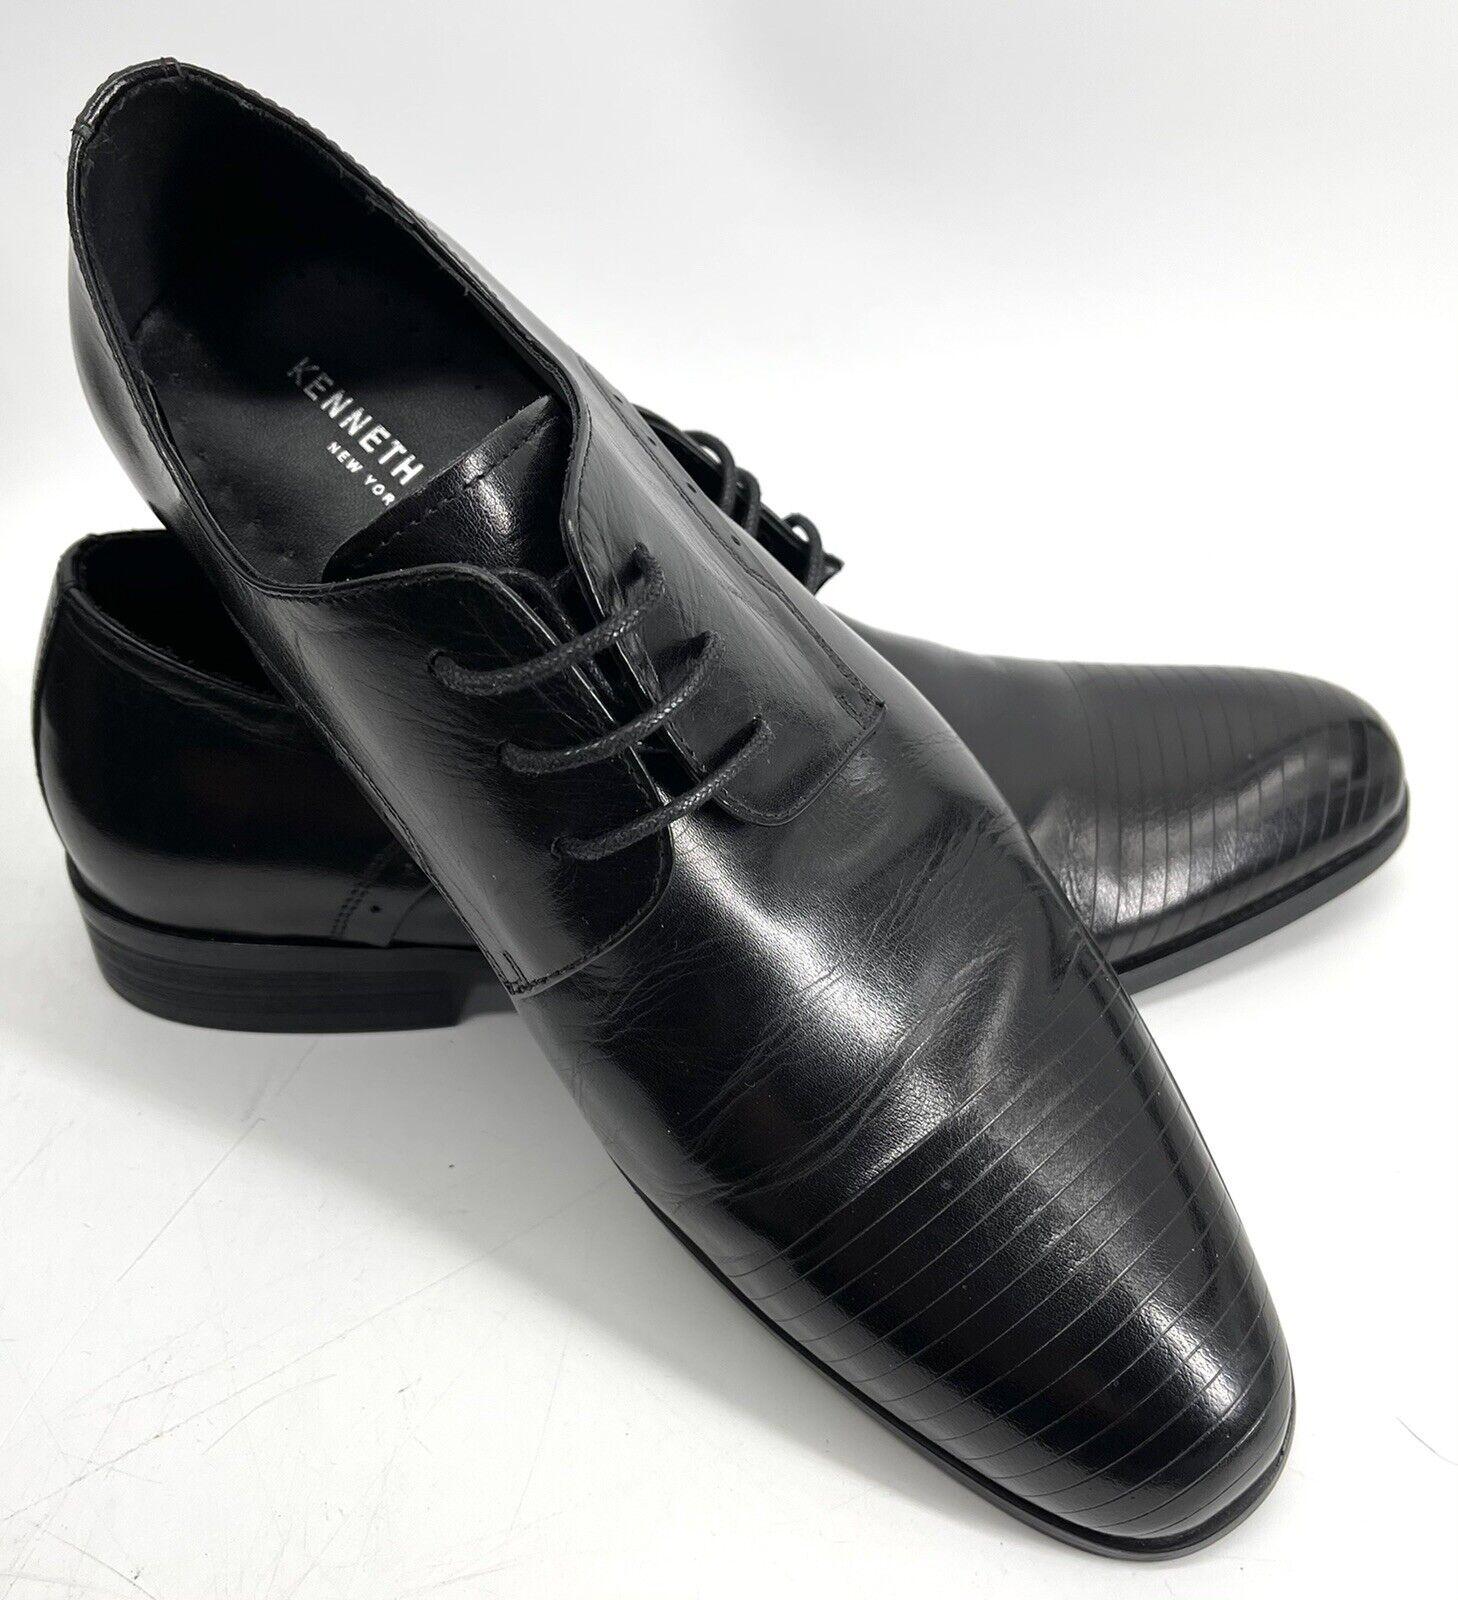 Kenneth Cole Reaction Straight Line Leather Dress Shoe Men's Size 7.5 Black EUC